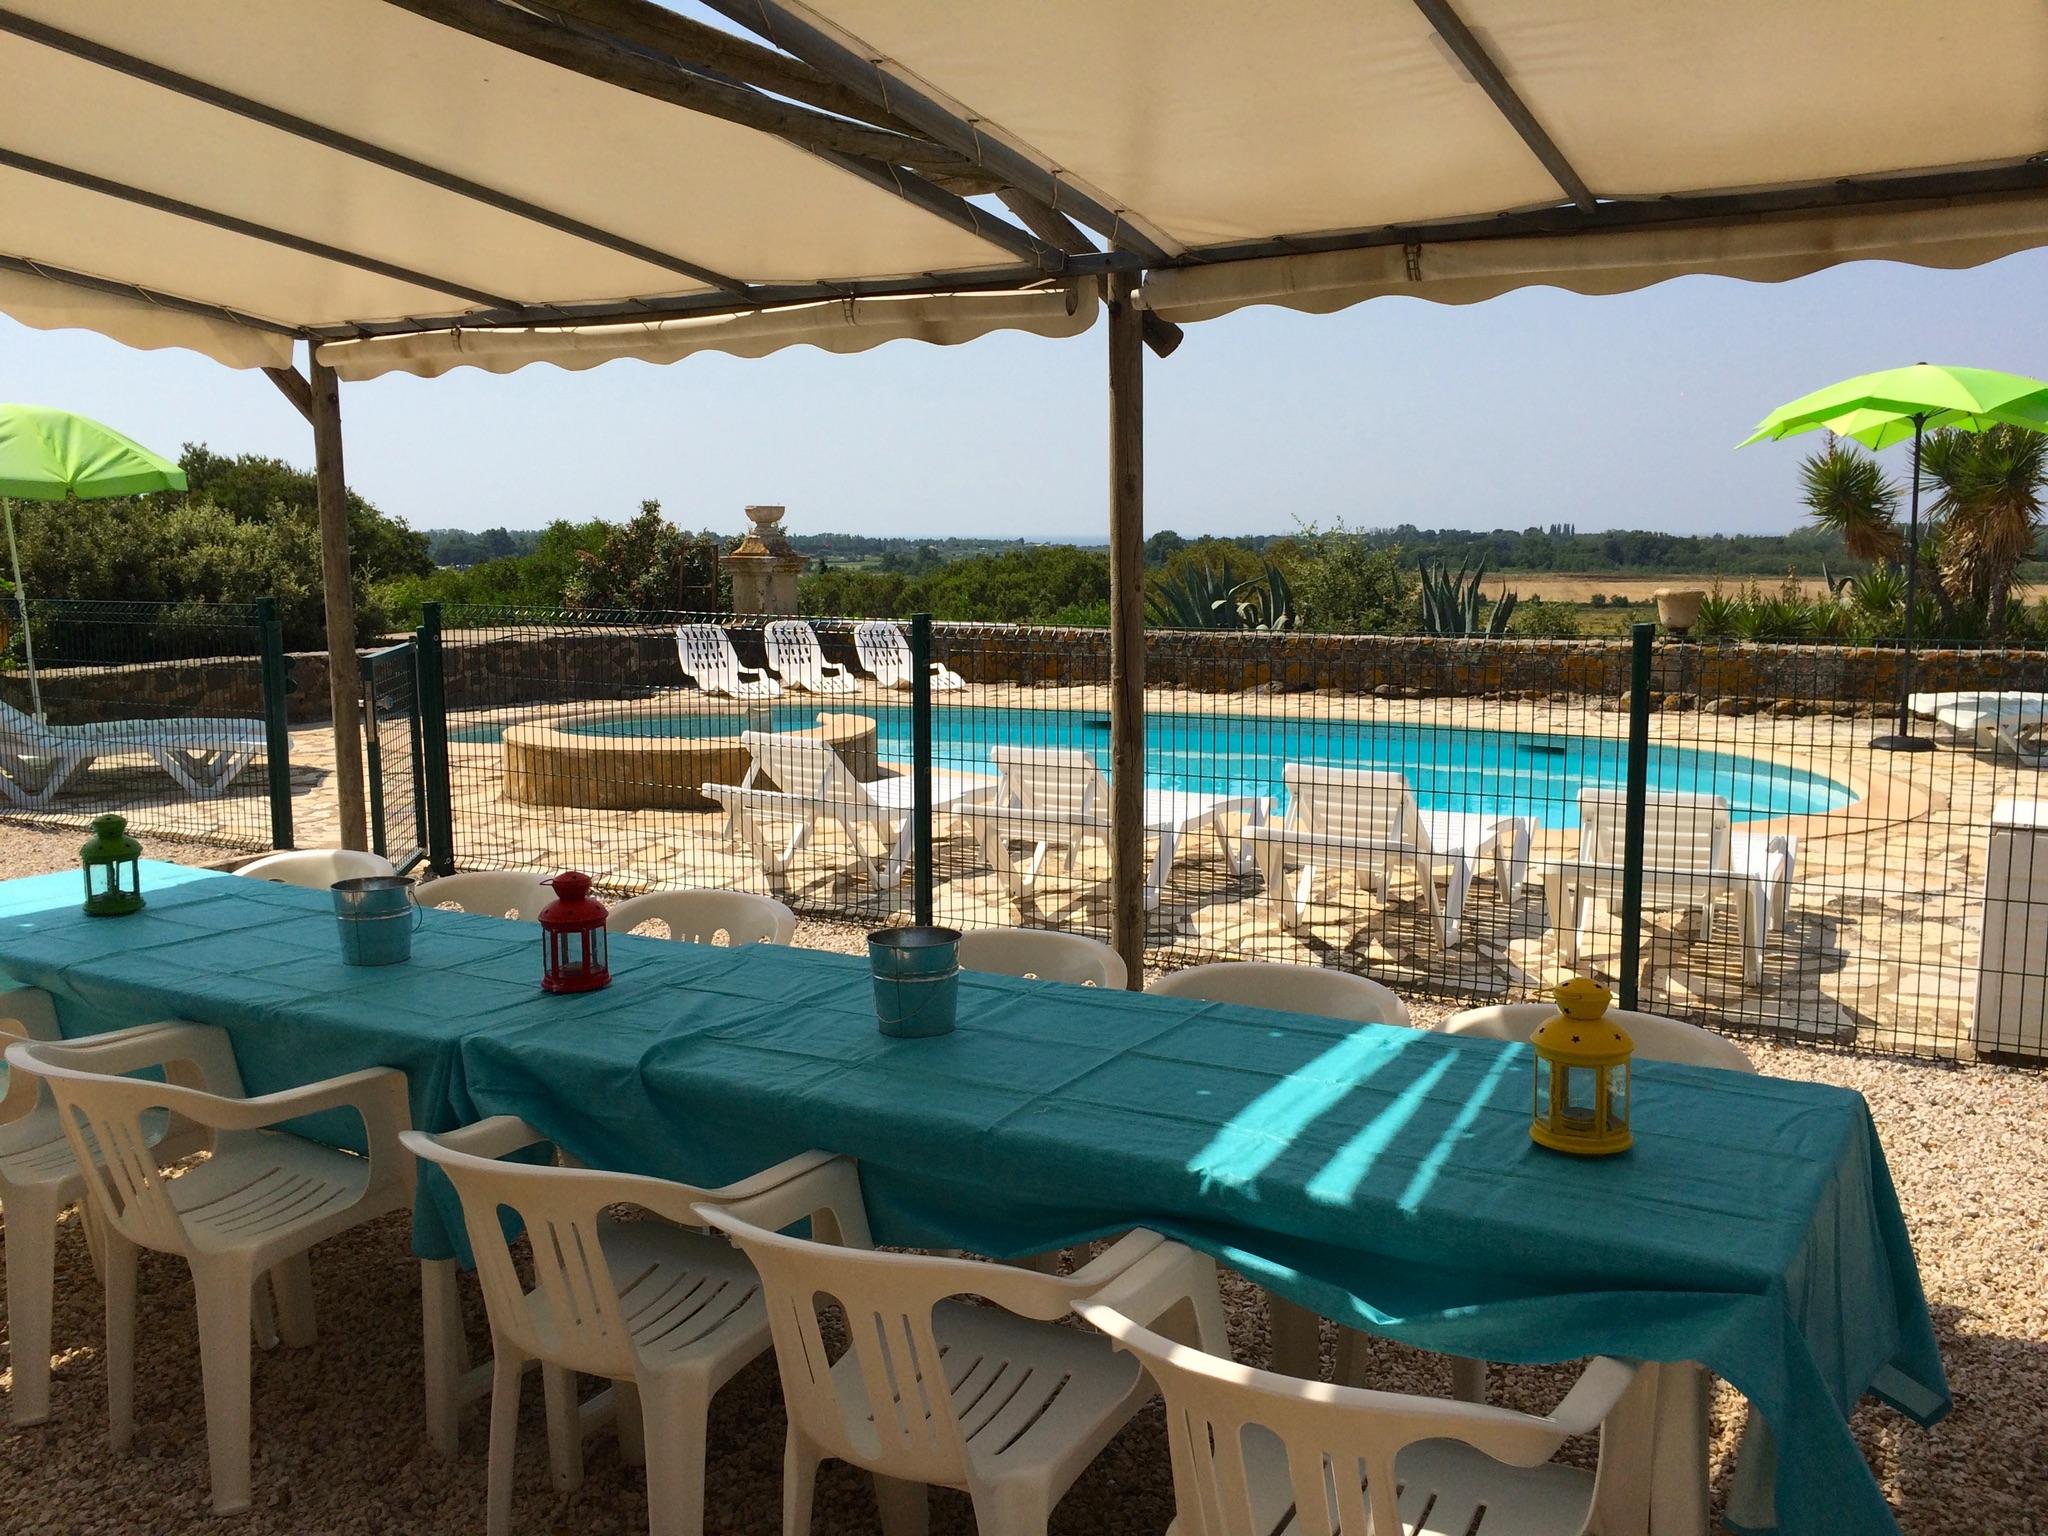 Ferienhaus Charaktervolles Haus in Hérault mit Pool und Garten (2201003), Portiragnes, Mittelmeerküste Hérault, Languedoc-Roussillon, Frankreich, Bild 22